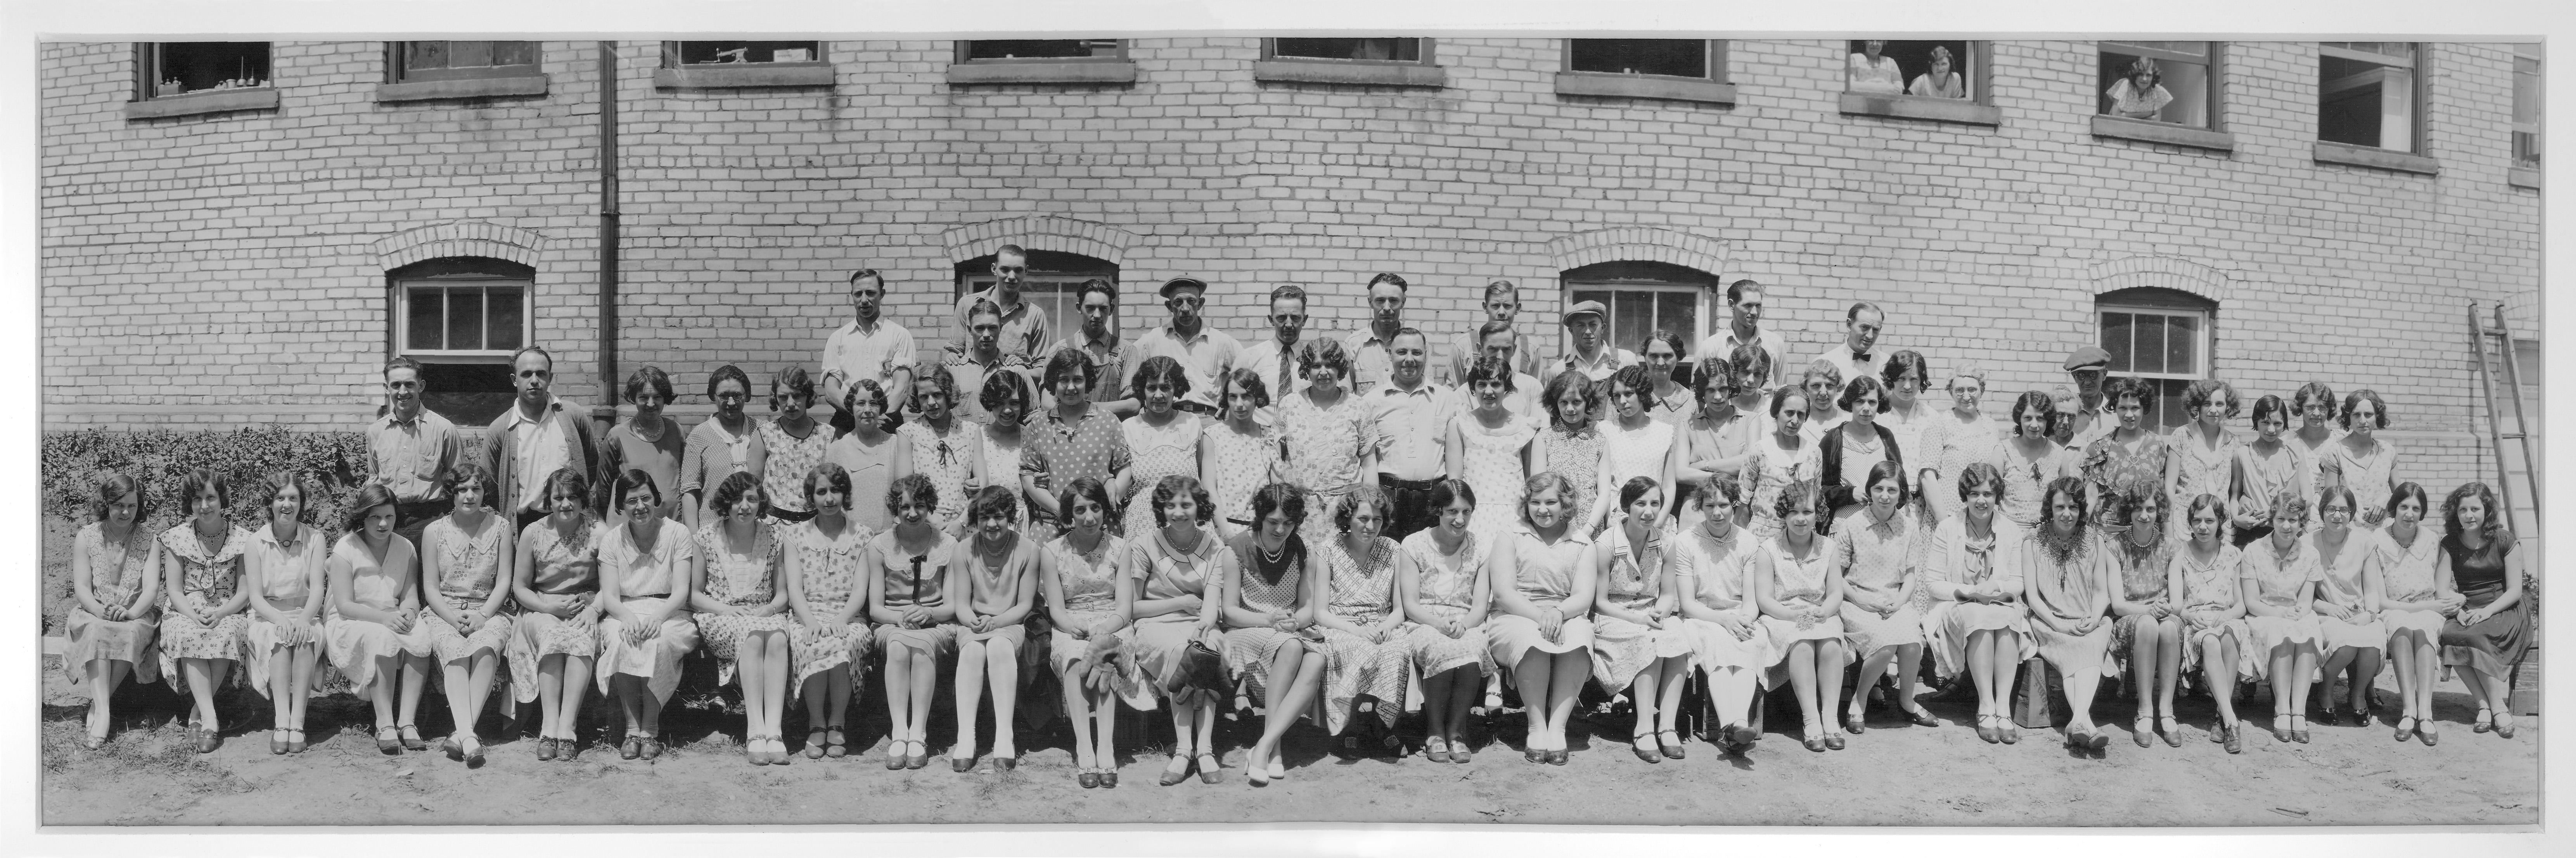 1928_pic